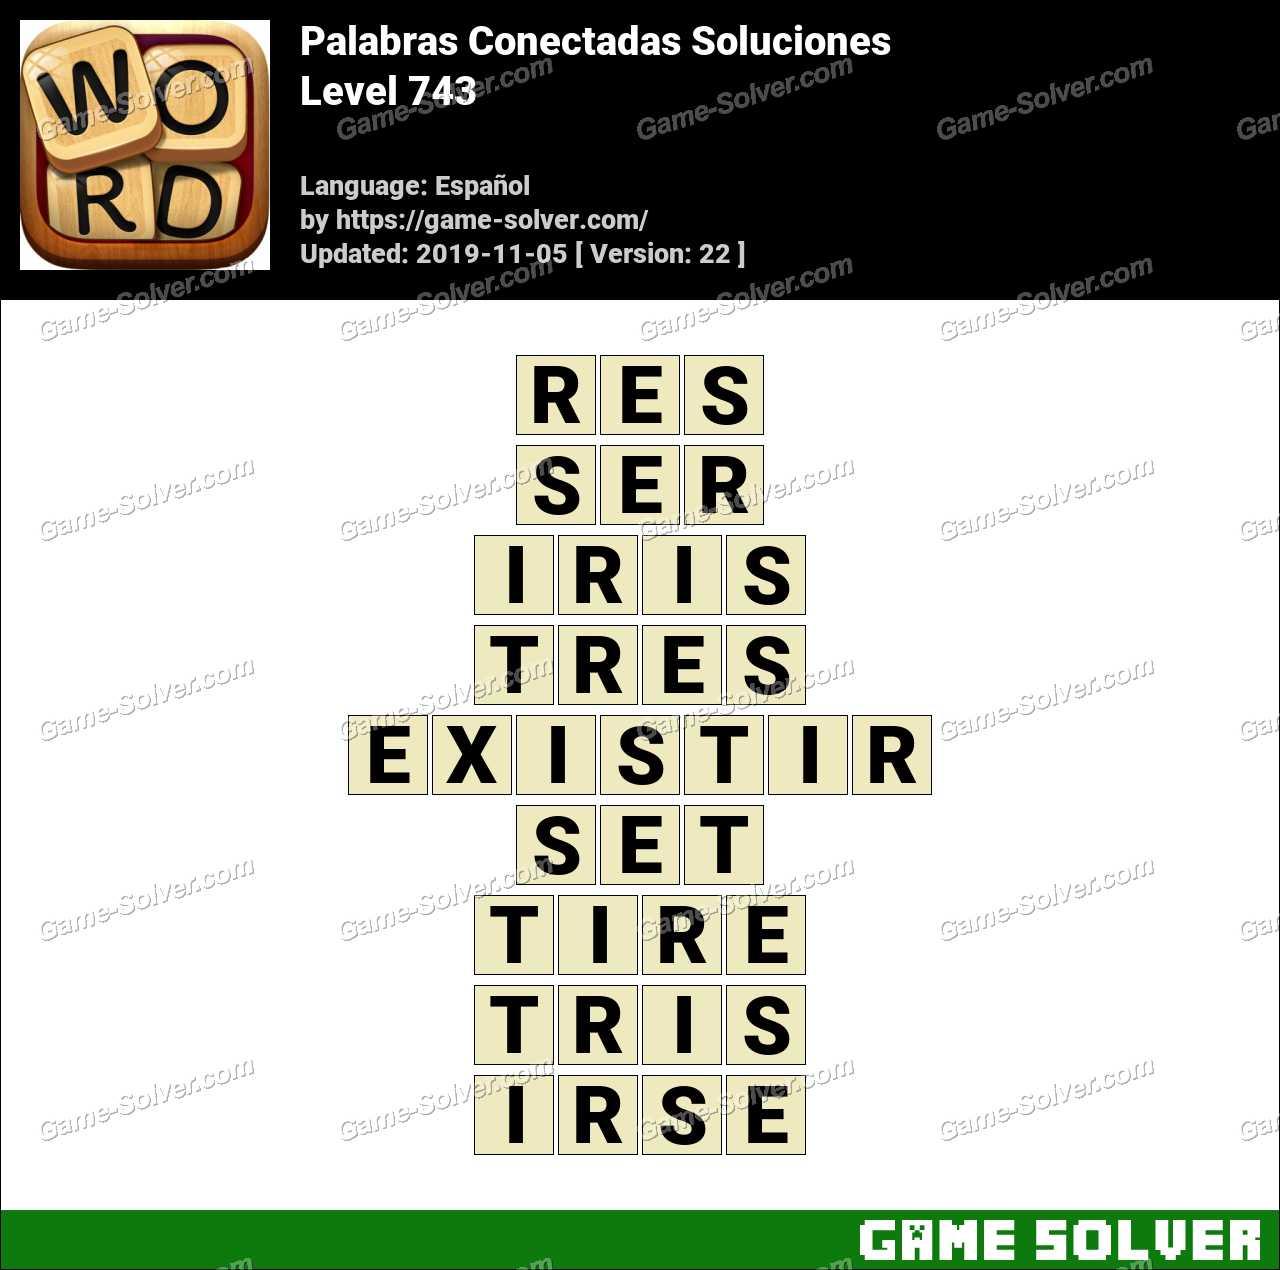 Palabras Conectadas Nivel 743 Soluciones